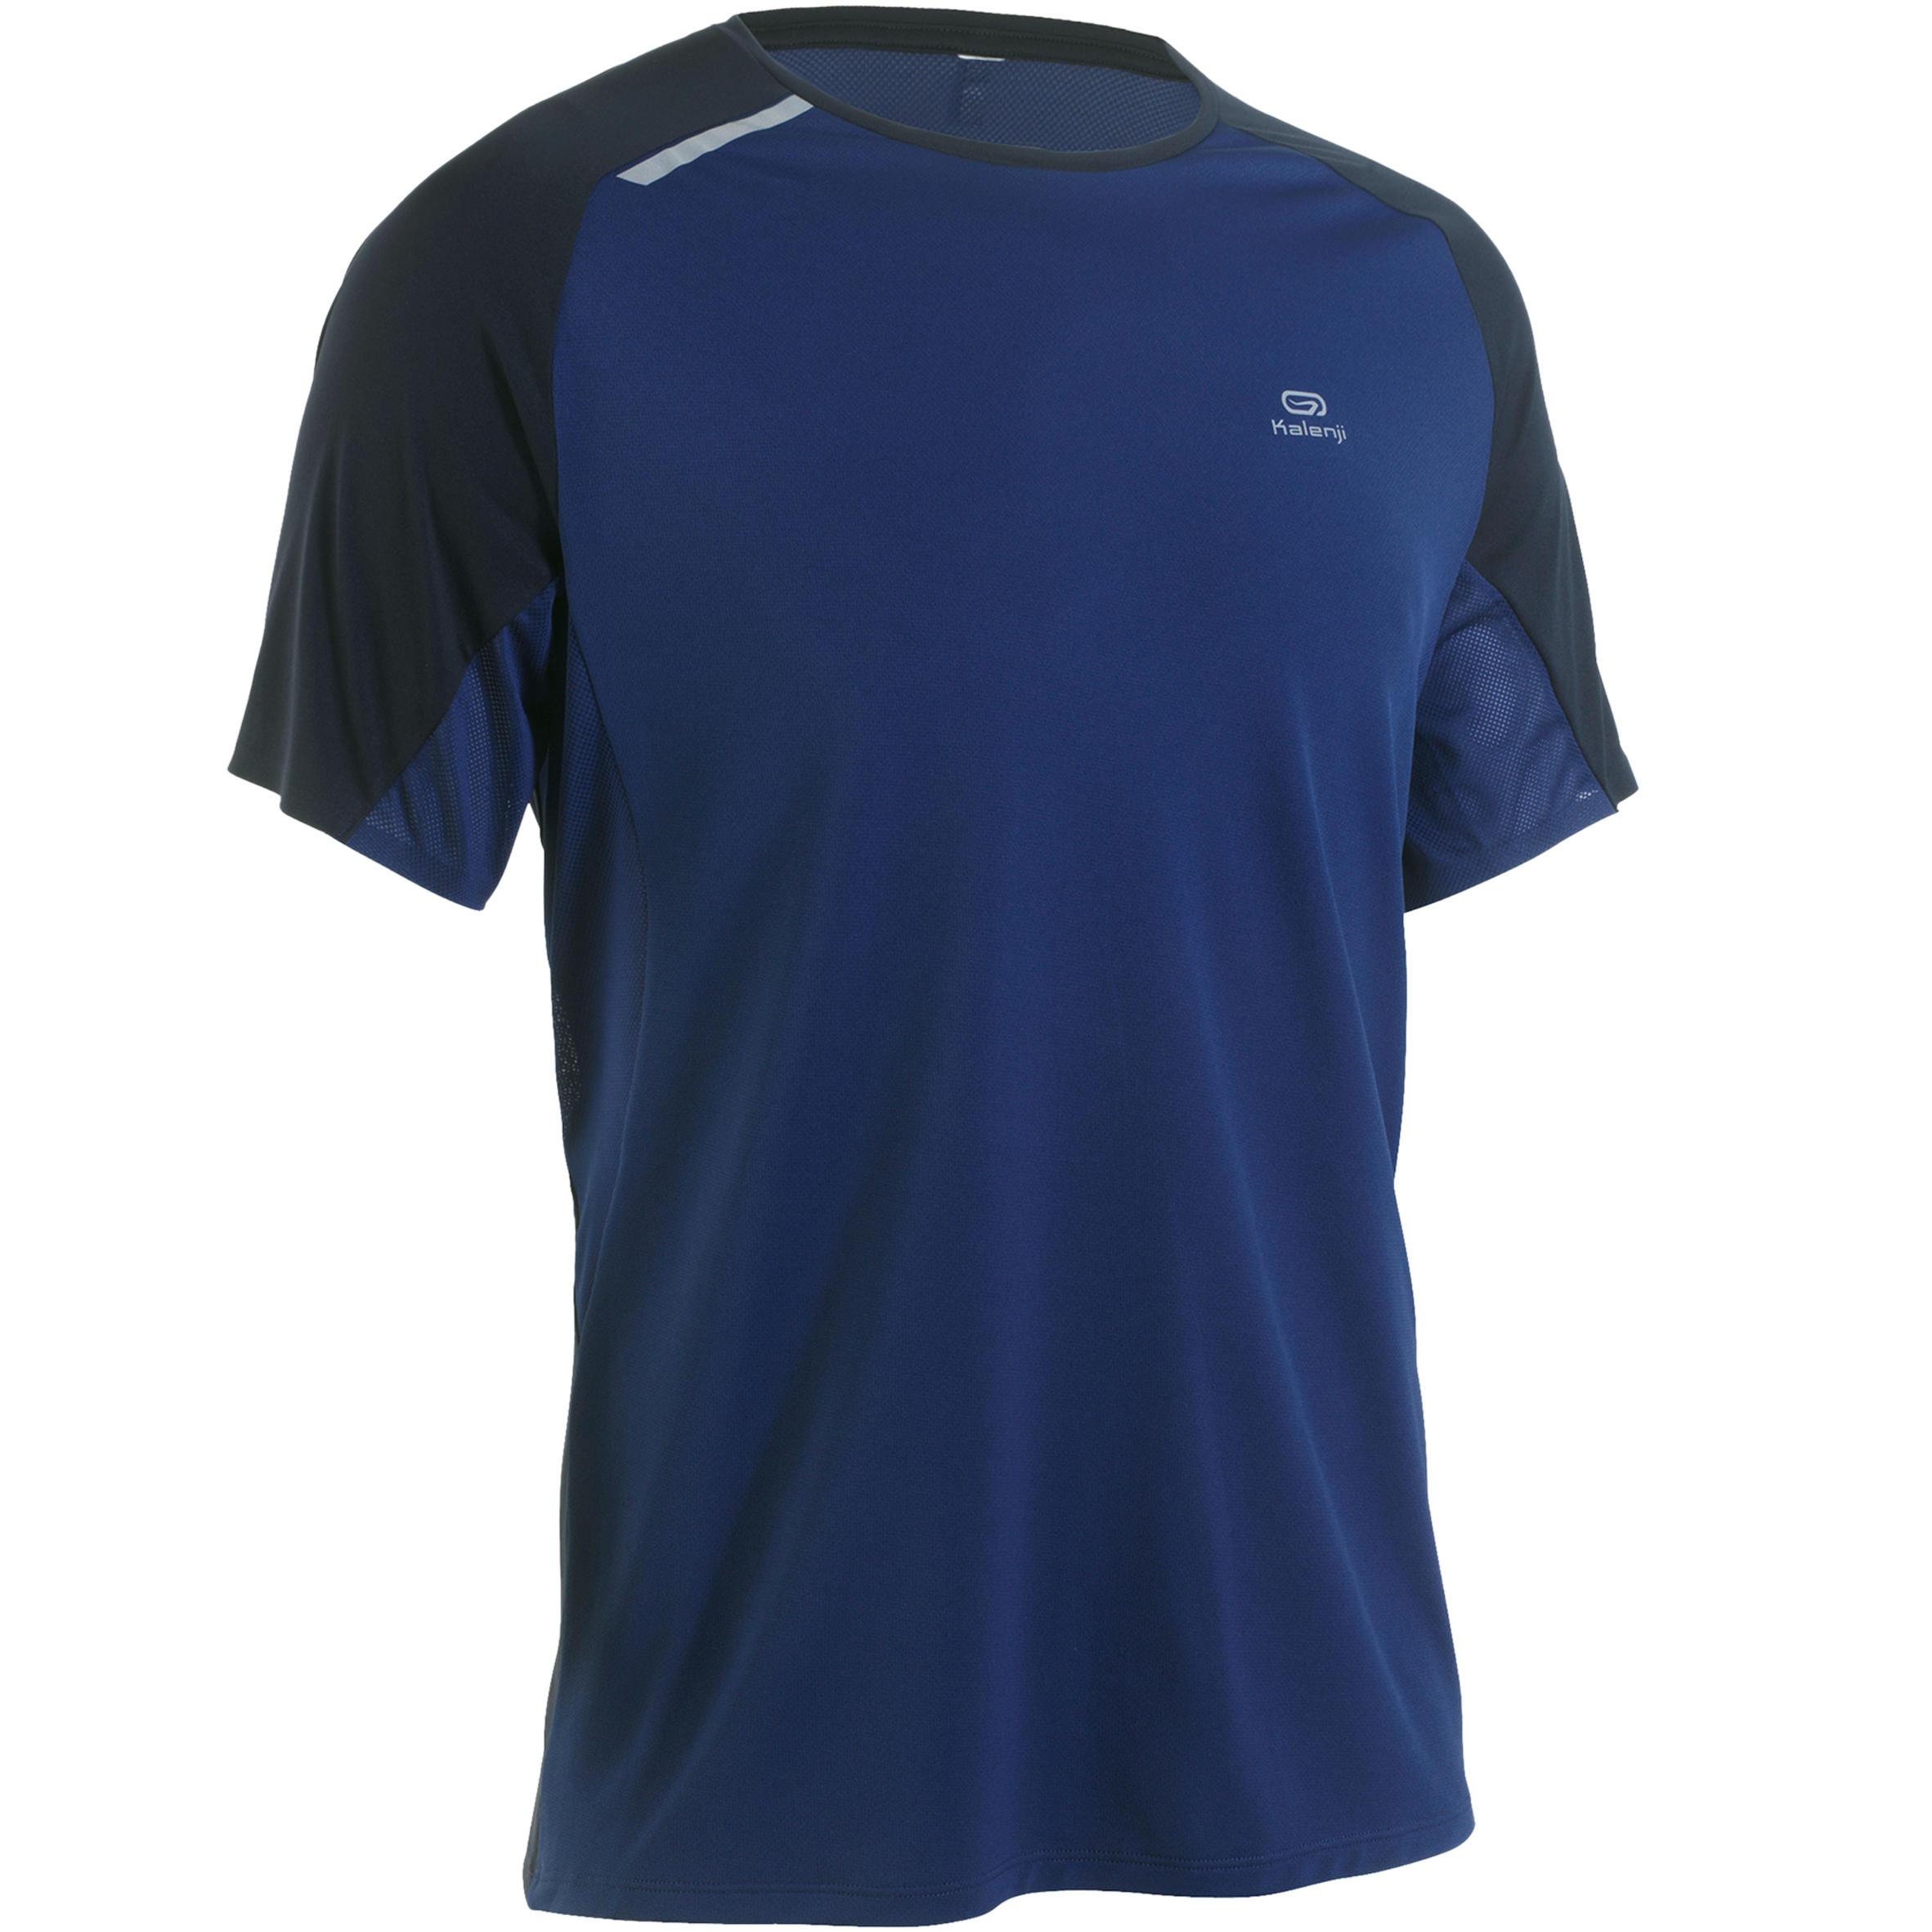 Kalenji Hardloopshirt voor heren Kiprun Light blauw